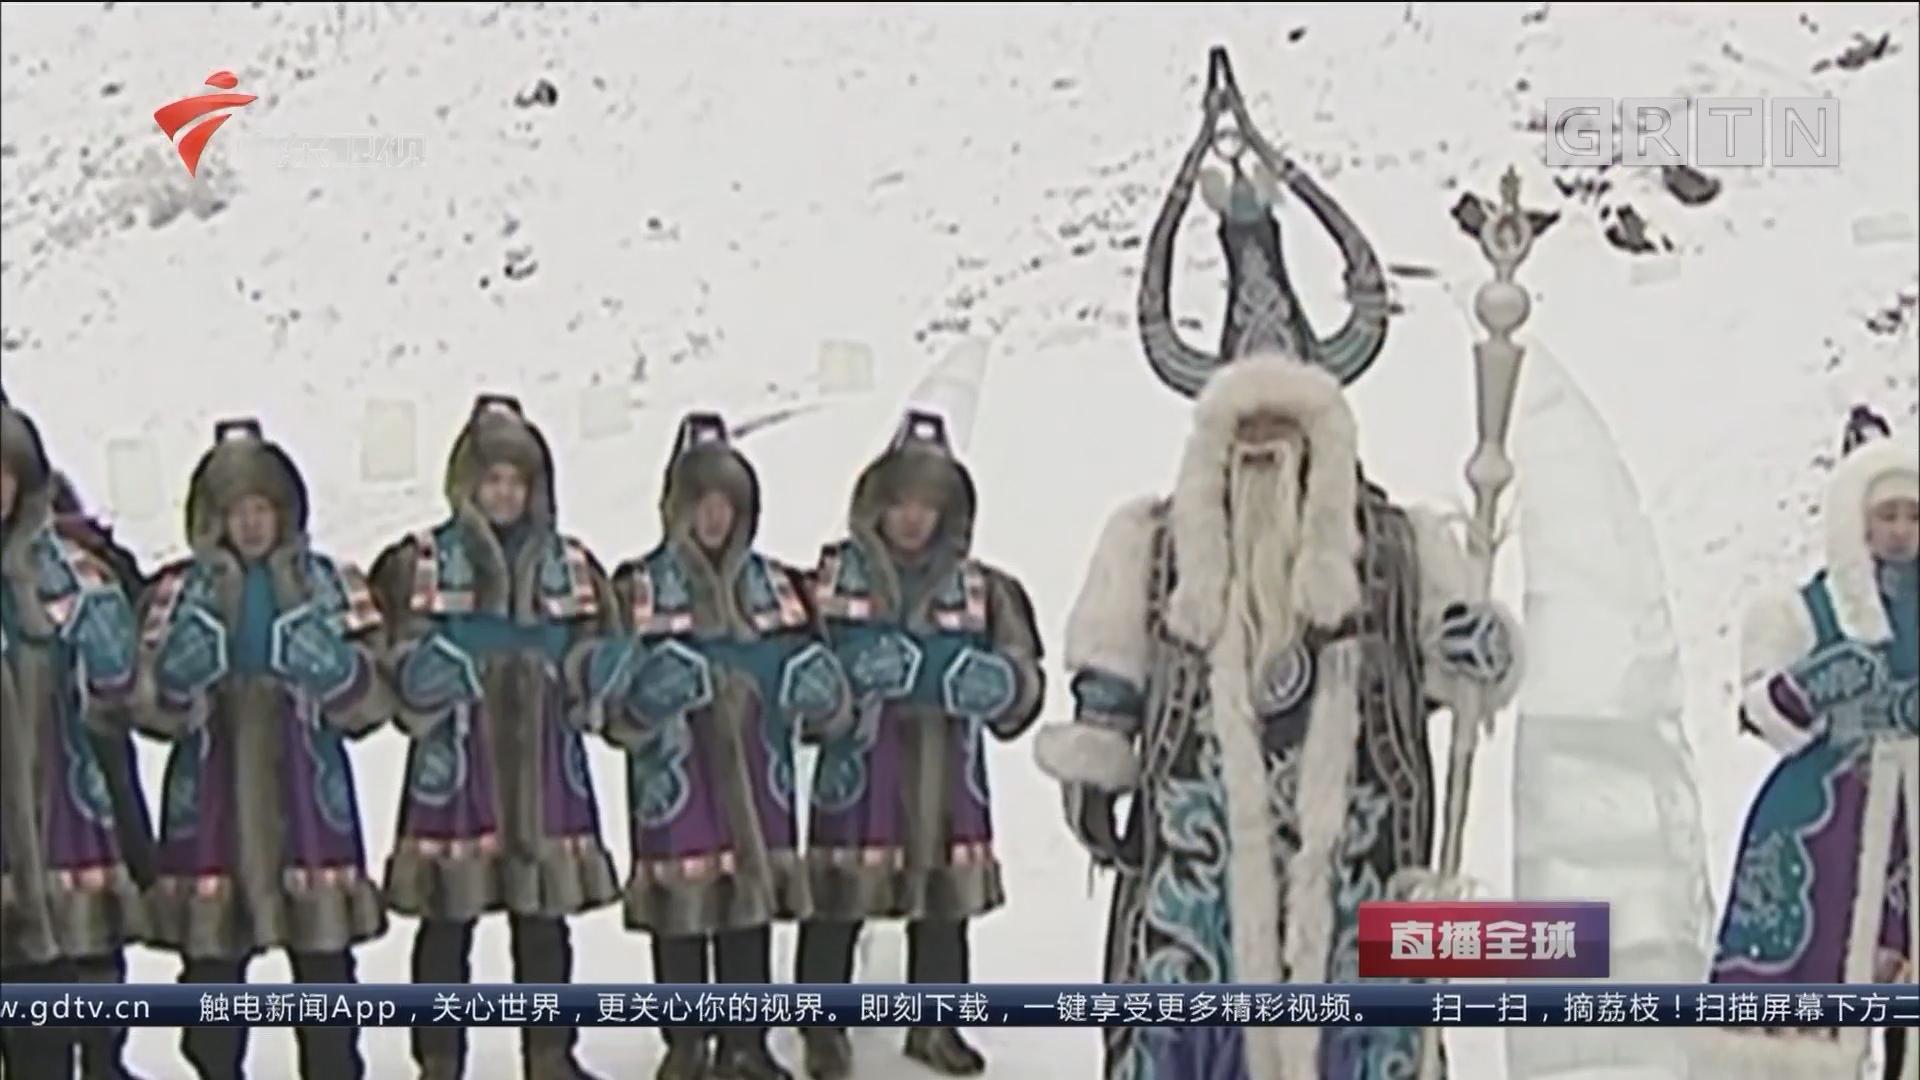 想要问问你敢不敢? 零下56度过圣诞! 还有奇特的西伯利亚版圣诞老人